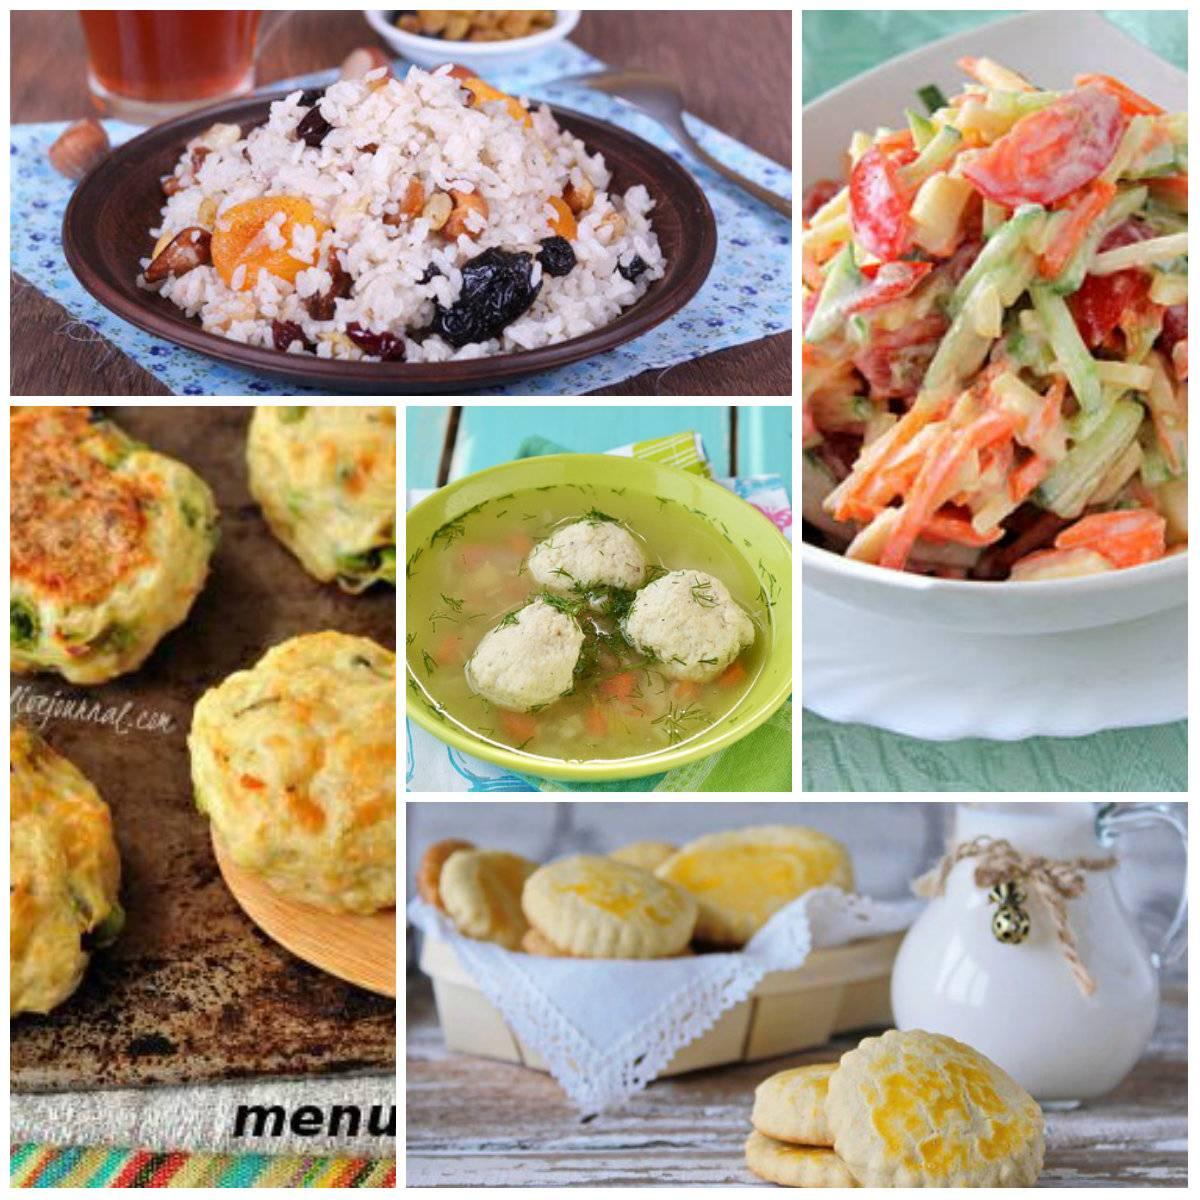 Рецепты для ребенка 2 года на завтрак, обед, ужин, в мультиварке. состав, как готовить, фото